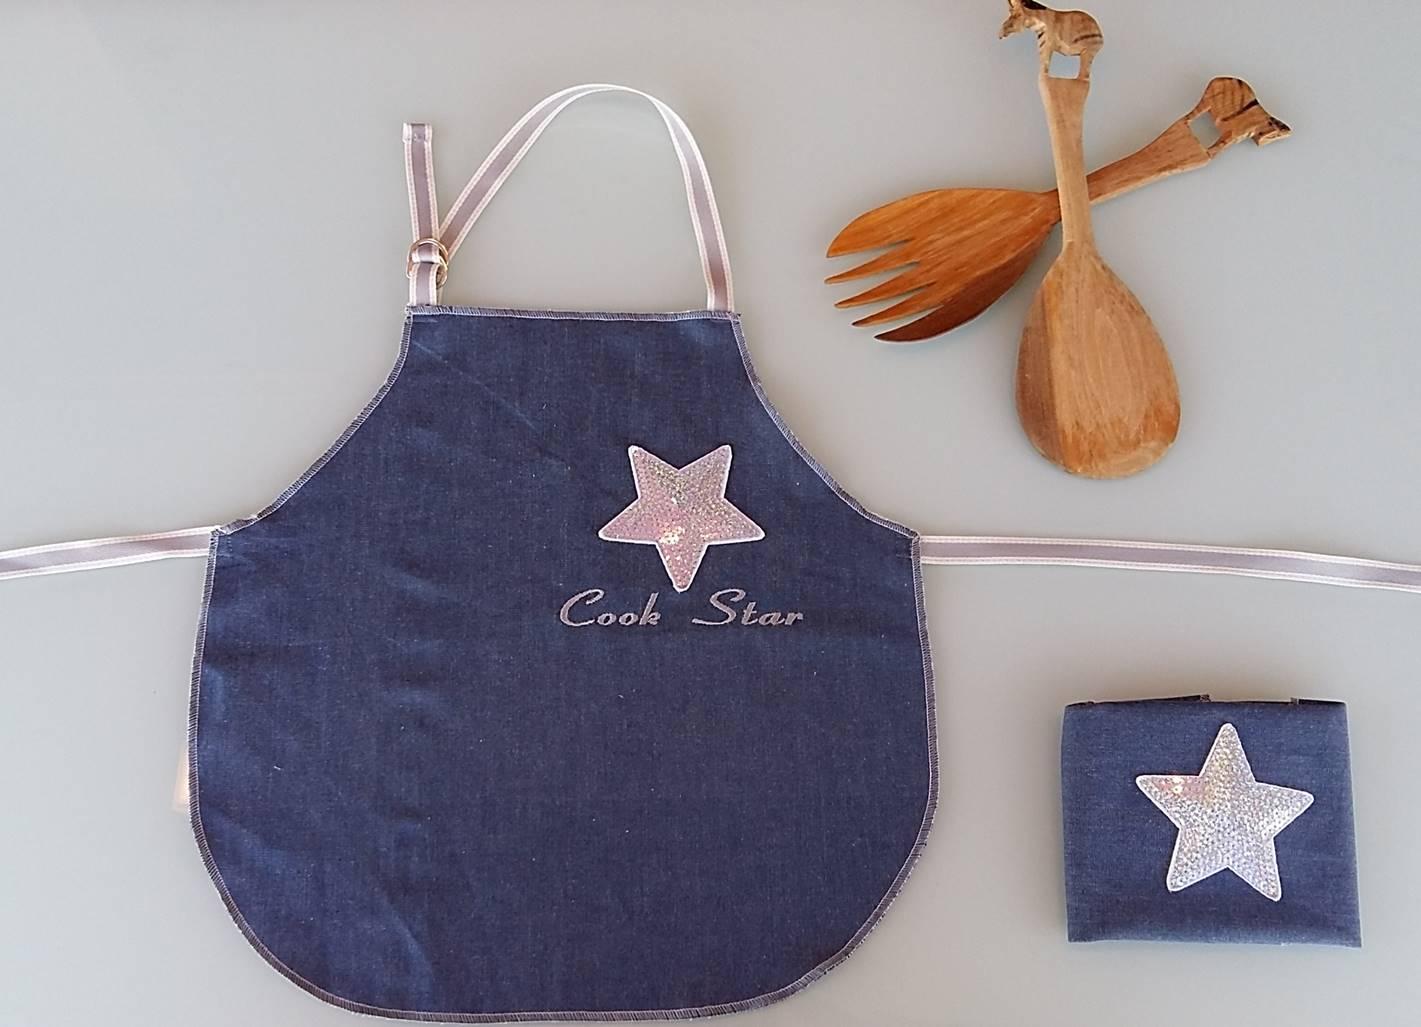 delantal para niños, delantales infantiles, delantal de estrellas, delantales originales, delantales personalizados para niños